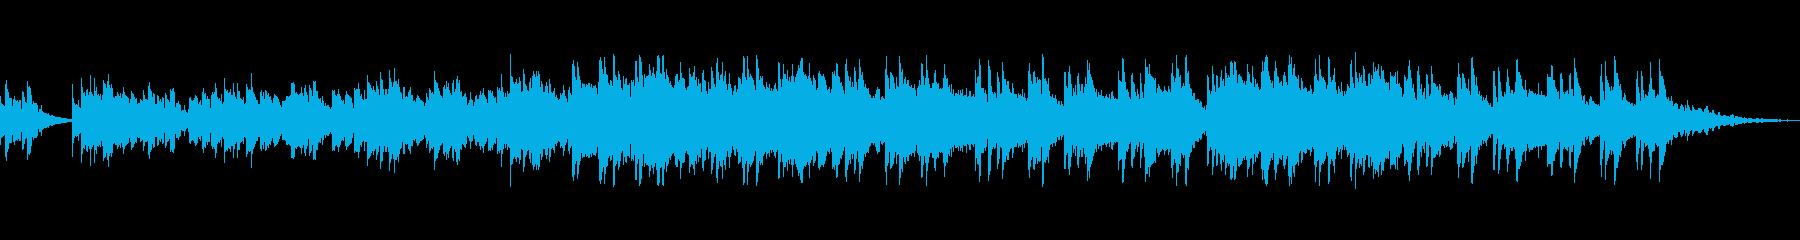 爽やかでやわらかいメロディーの再生済みの波形